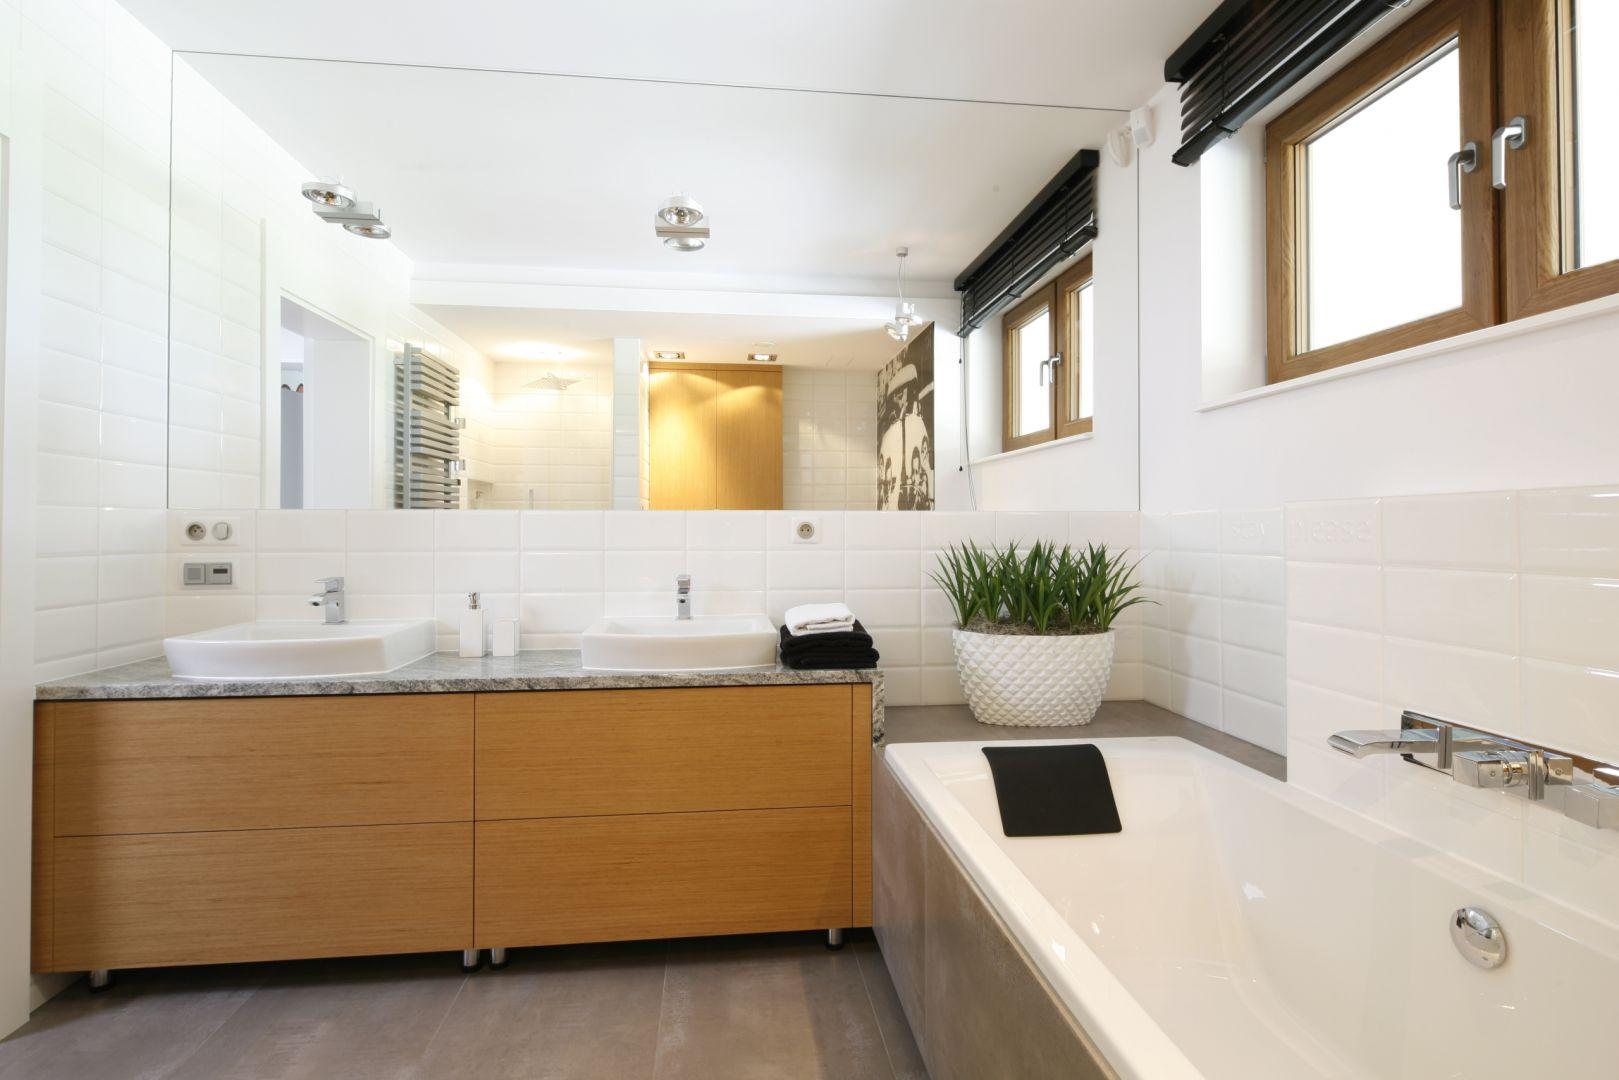 Optyczne powiększenie zapewnia łazience ogromna tafla lustra. Dwie umywalki gwarantują wygodę codziennej toalety. Zamontowano je z myślą o dwójce nastolatków. Fot. Bartosz Jarosz